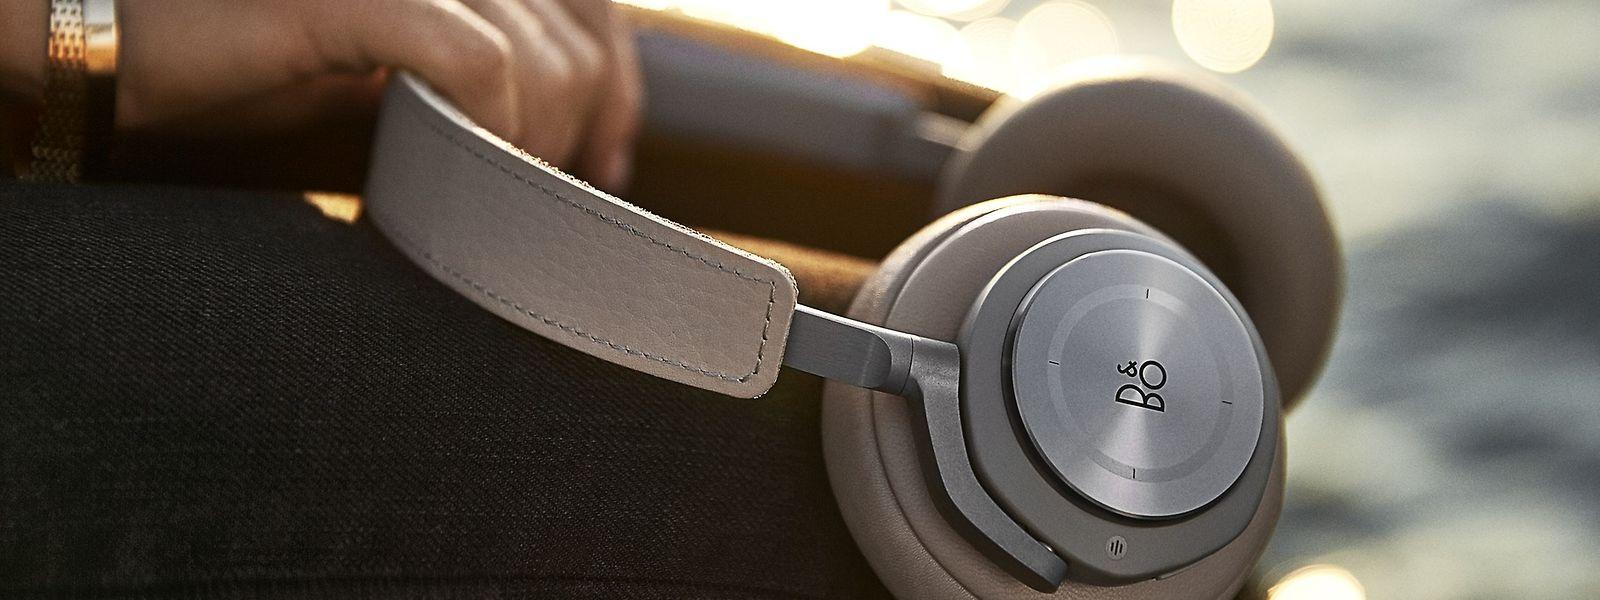 Hochwertig verarbeitetes Lammfell an den Over-Ear-Kopfhörermuscheln, poliertes Aluminium, sanft aufliegendes Leder am Kopfhörerbügel: Die Bang & Olufsen haben Stil.